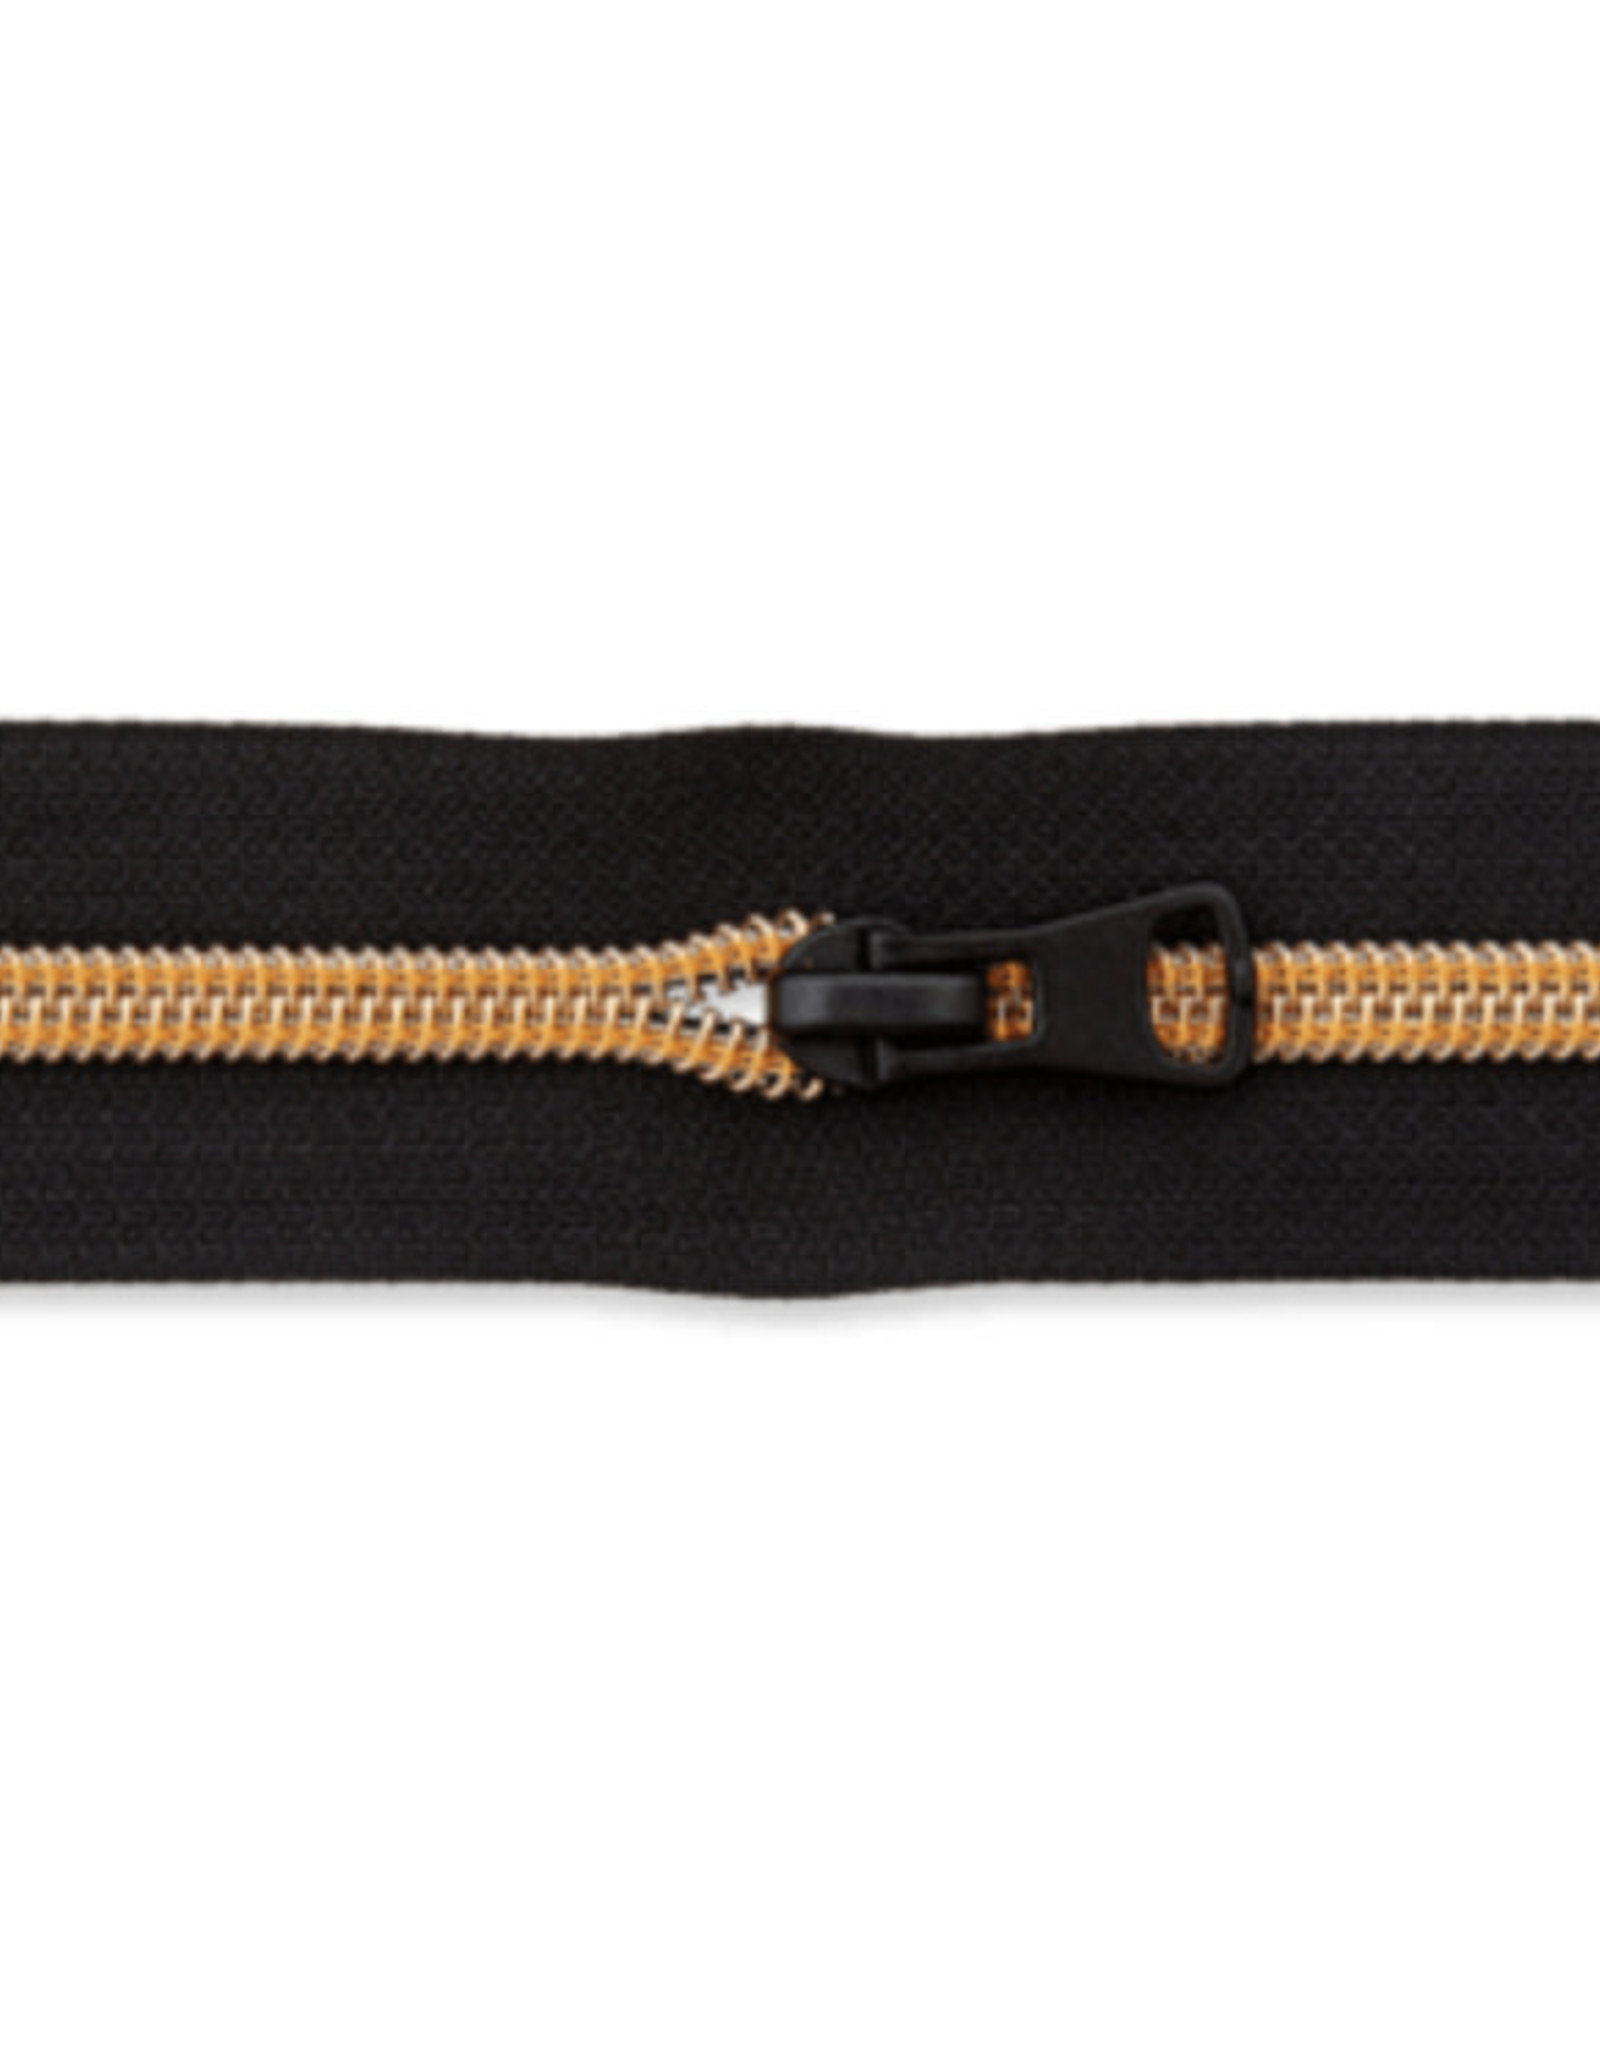 Rits op rol (incl. 1 trekker) - Zwart/DonkerGeel- Size 7